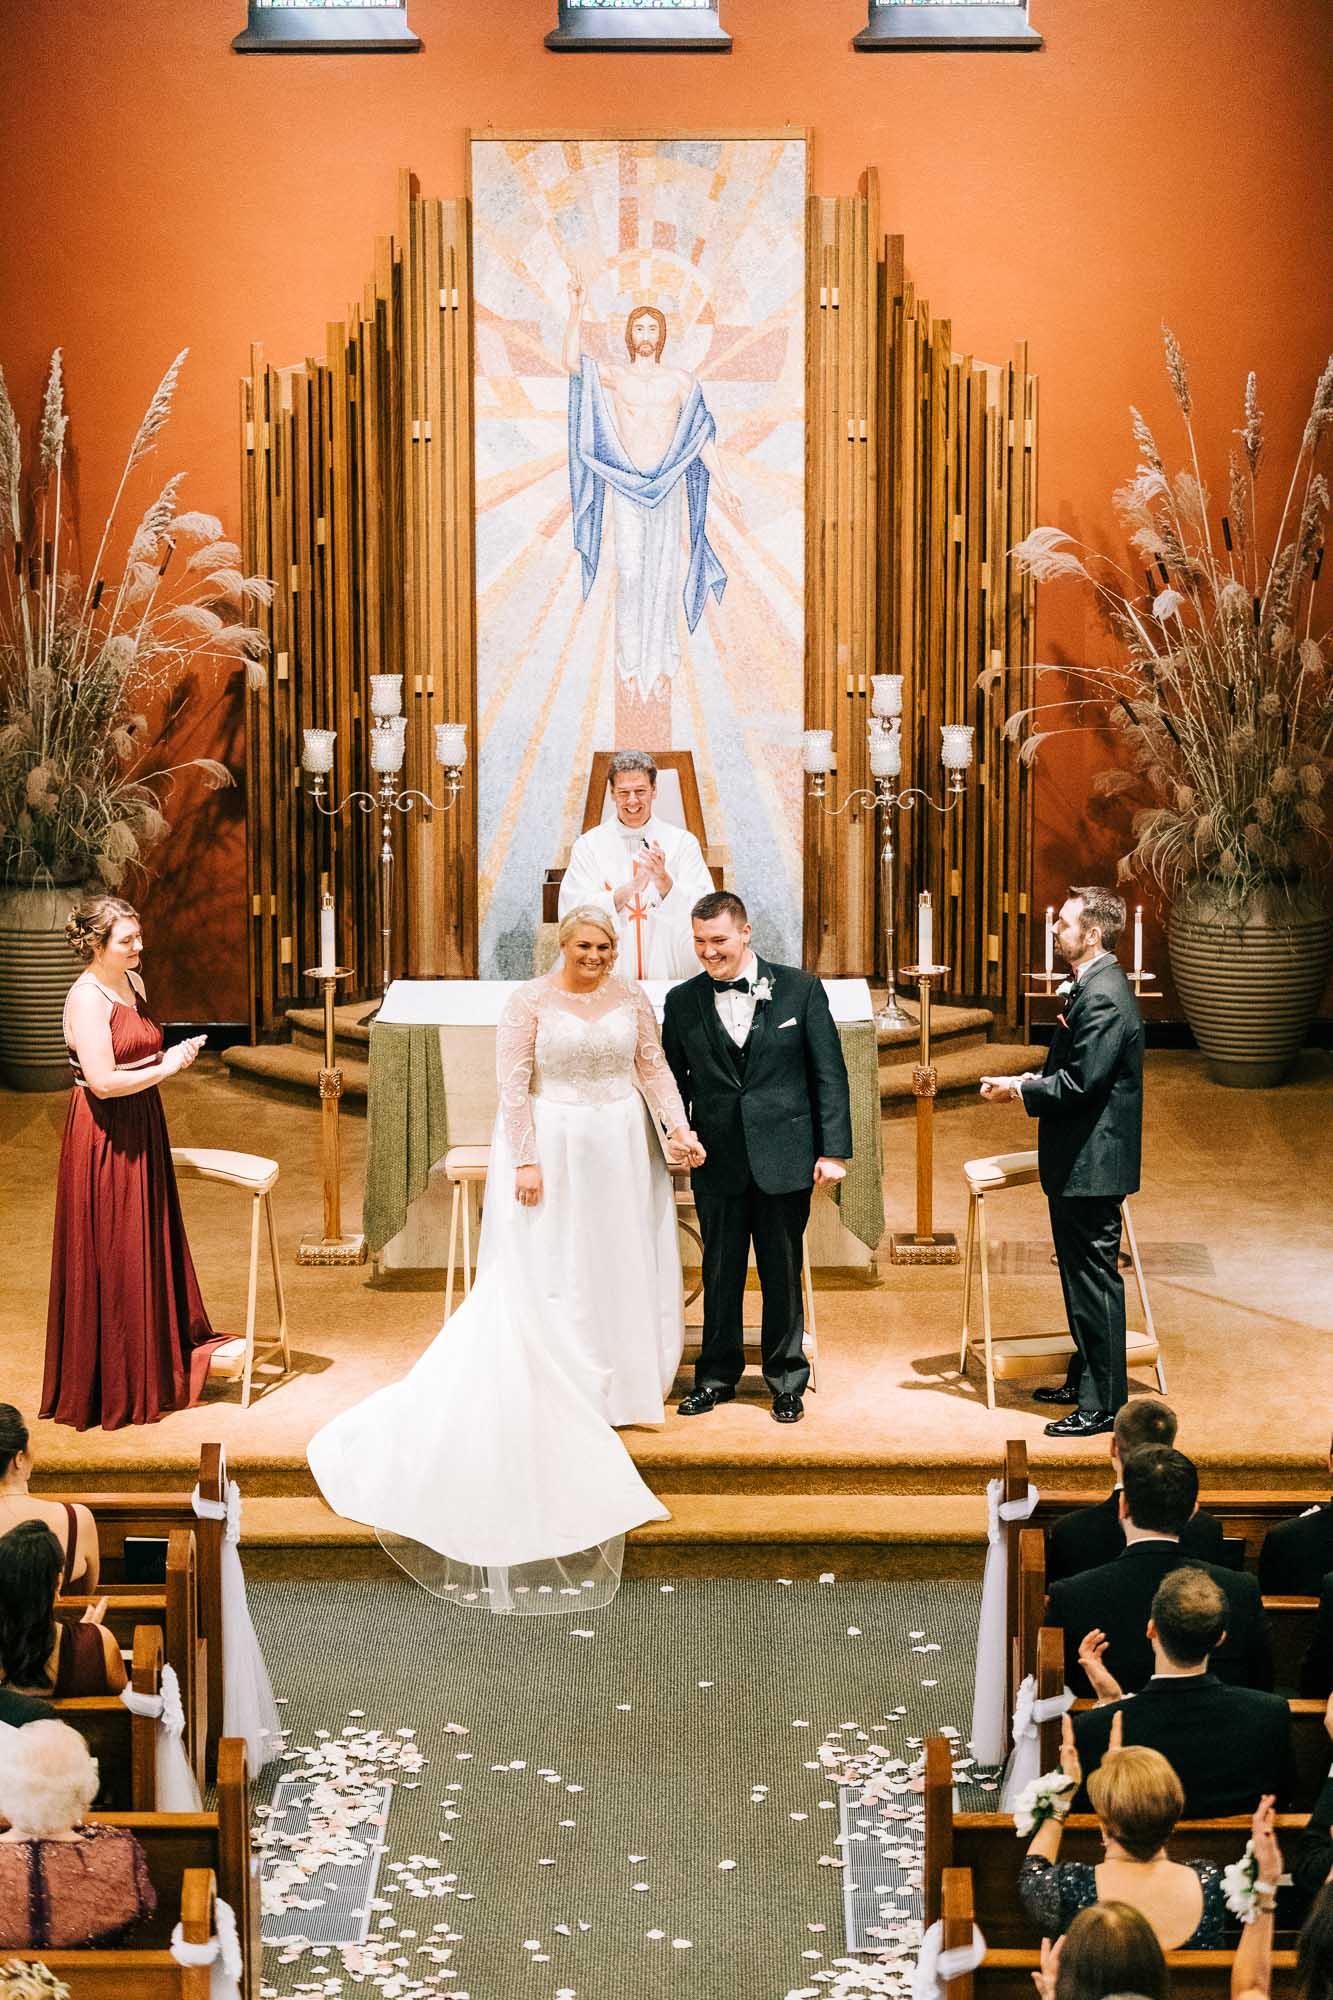 whitewoods-october-wedding-sk-9812.jpg